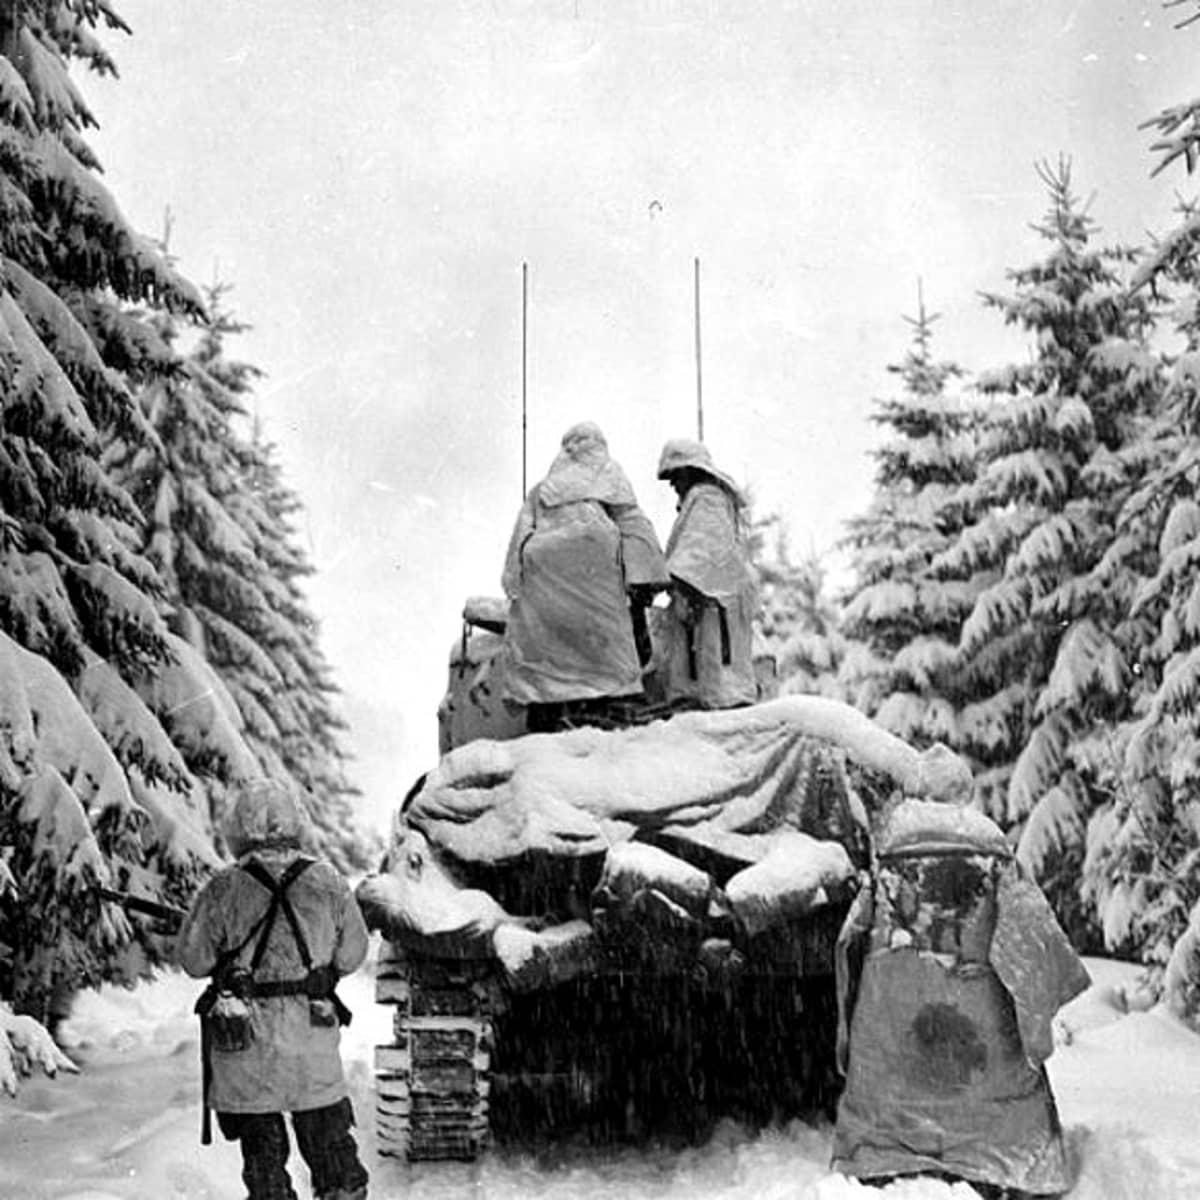 Yhdysvaltain armeijan panssarivaunu ja sotilaita etenemässä Ardennien taistelun aikana.